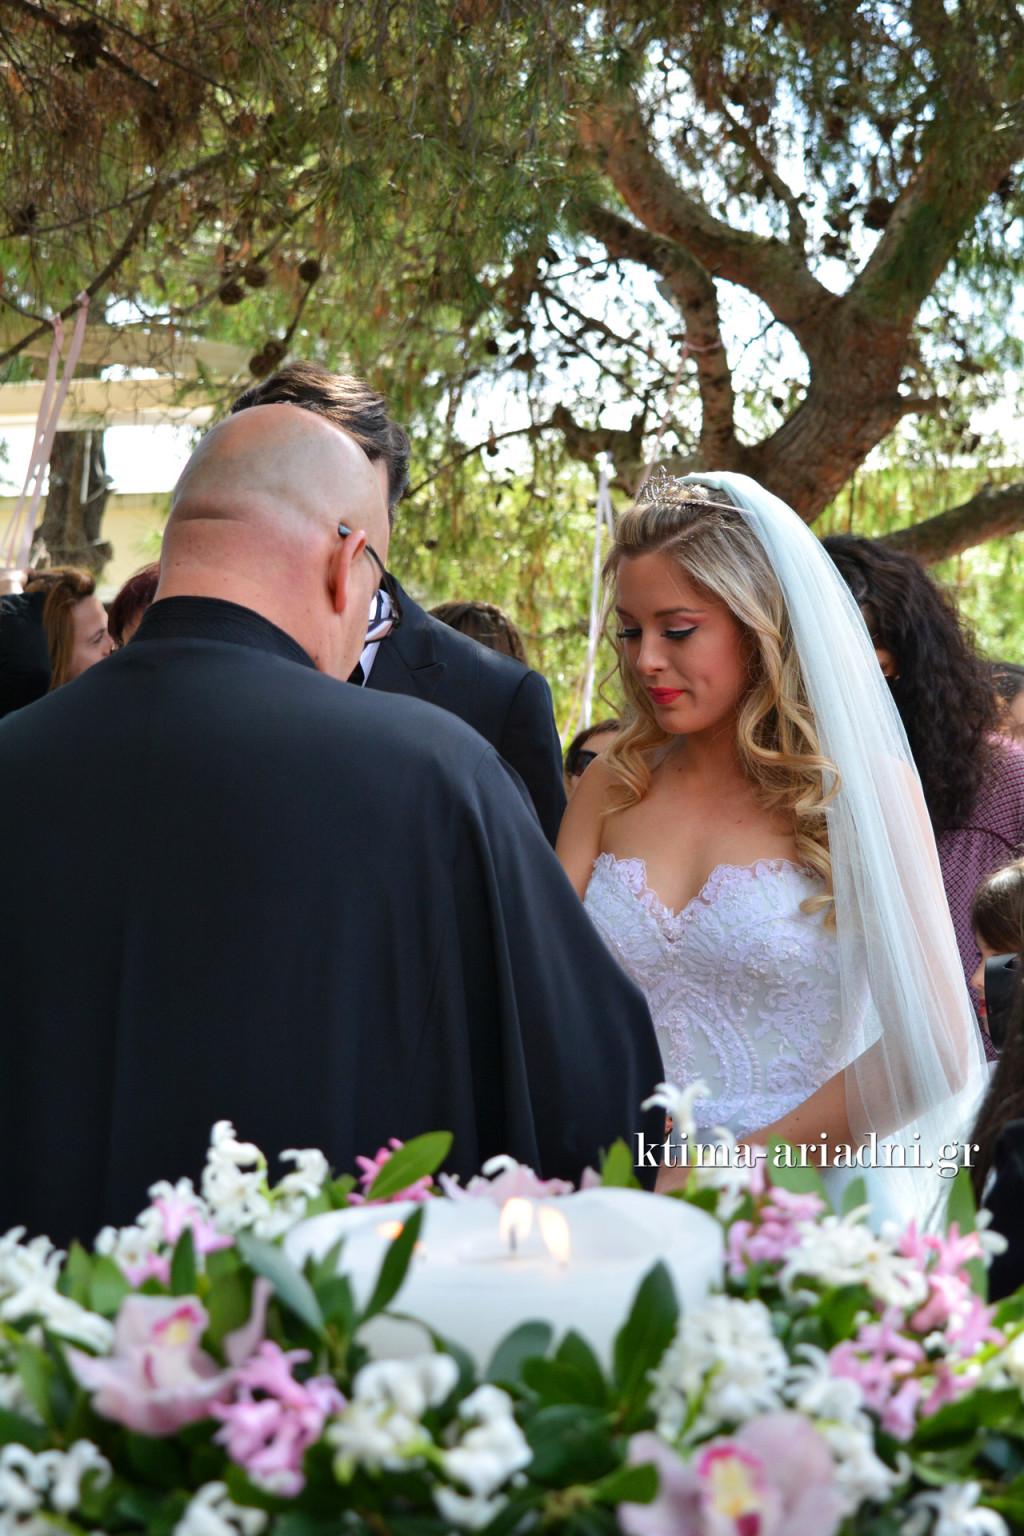 Στιγμιότυπα από τον γάμο της Barbie και του Ken